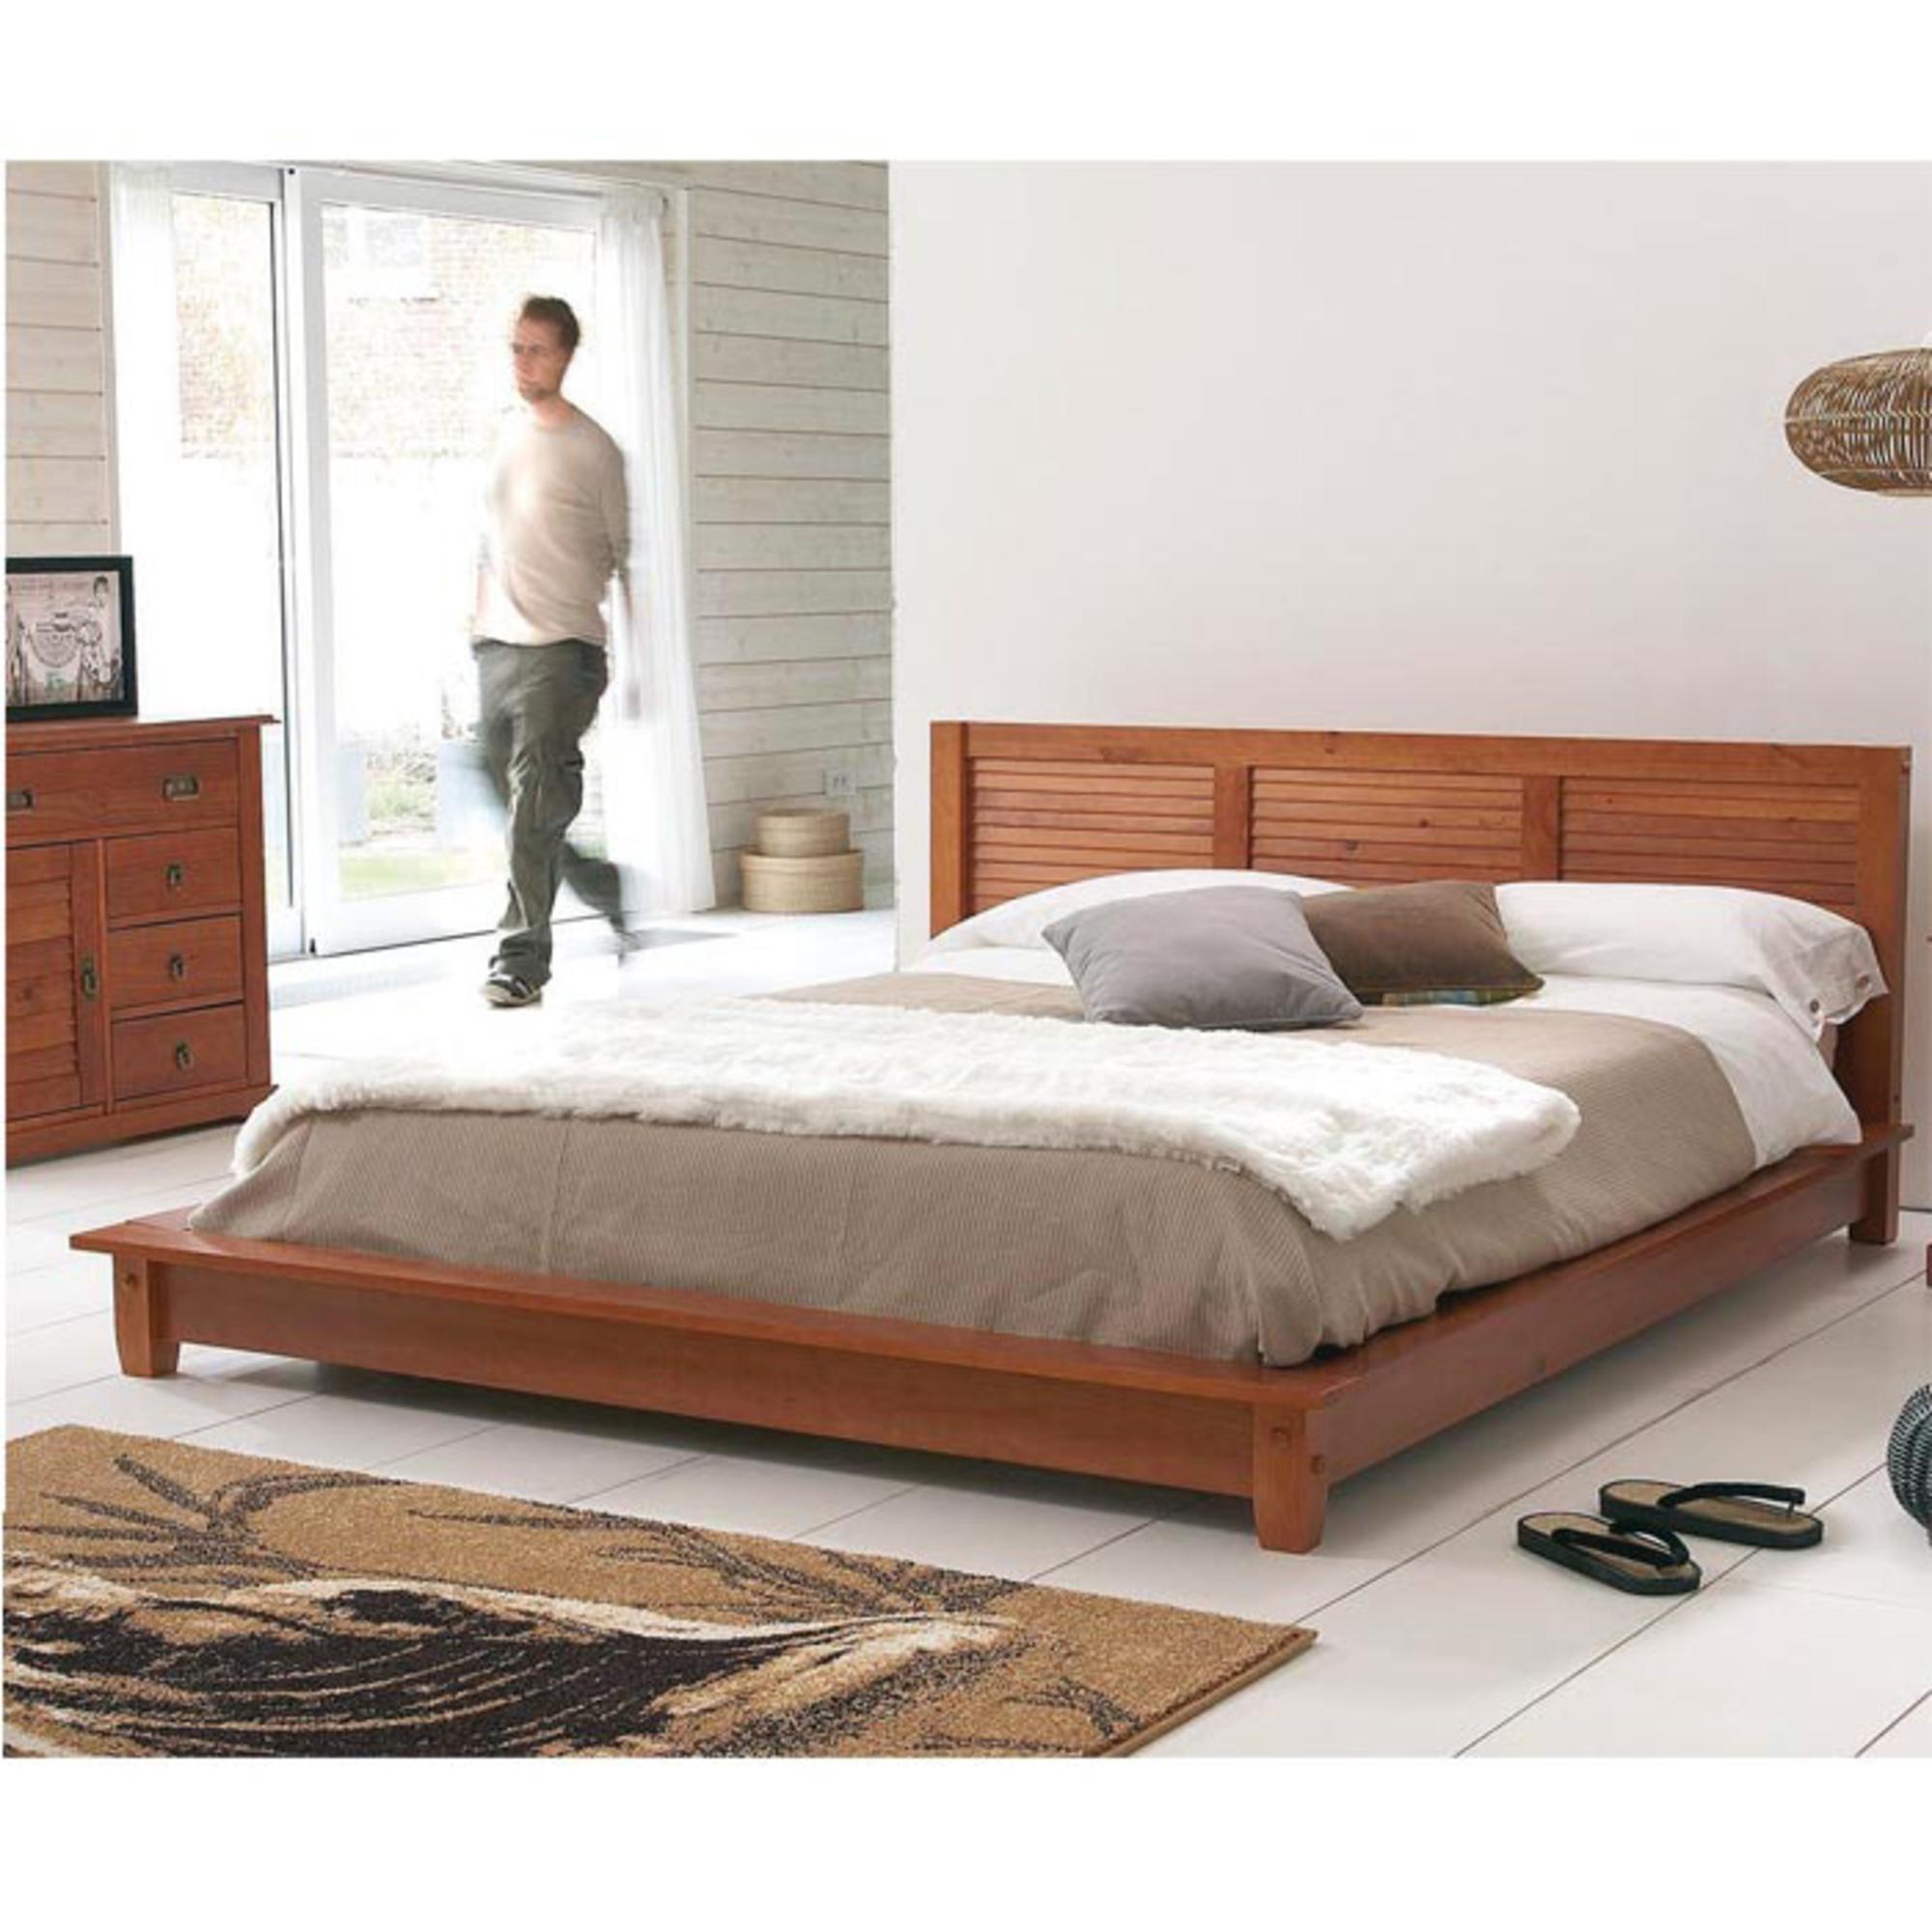 lit 140 x 190 cm plateforme maloom miel anniversaire 40 ans acheter ce produit au meilleur. Black Bedroom Furniture Sets. Home Design Ideas